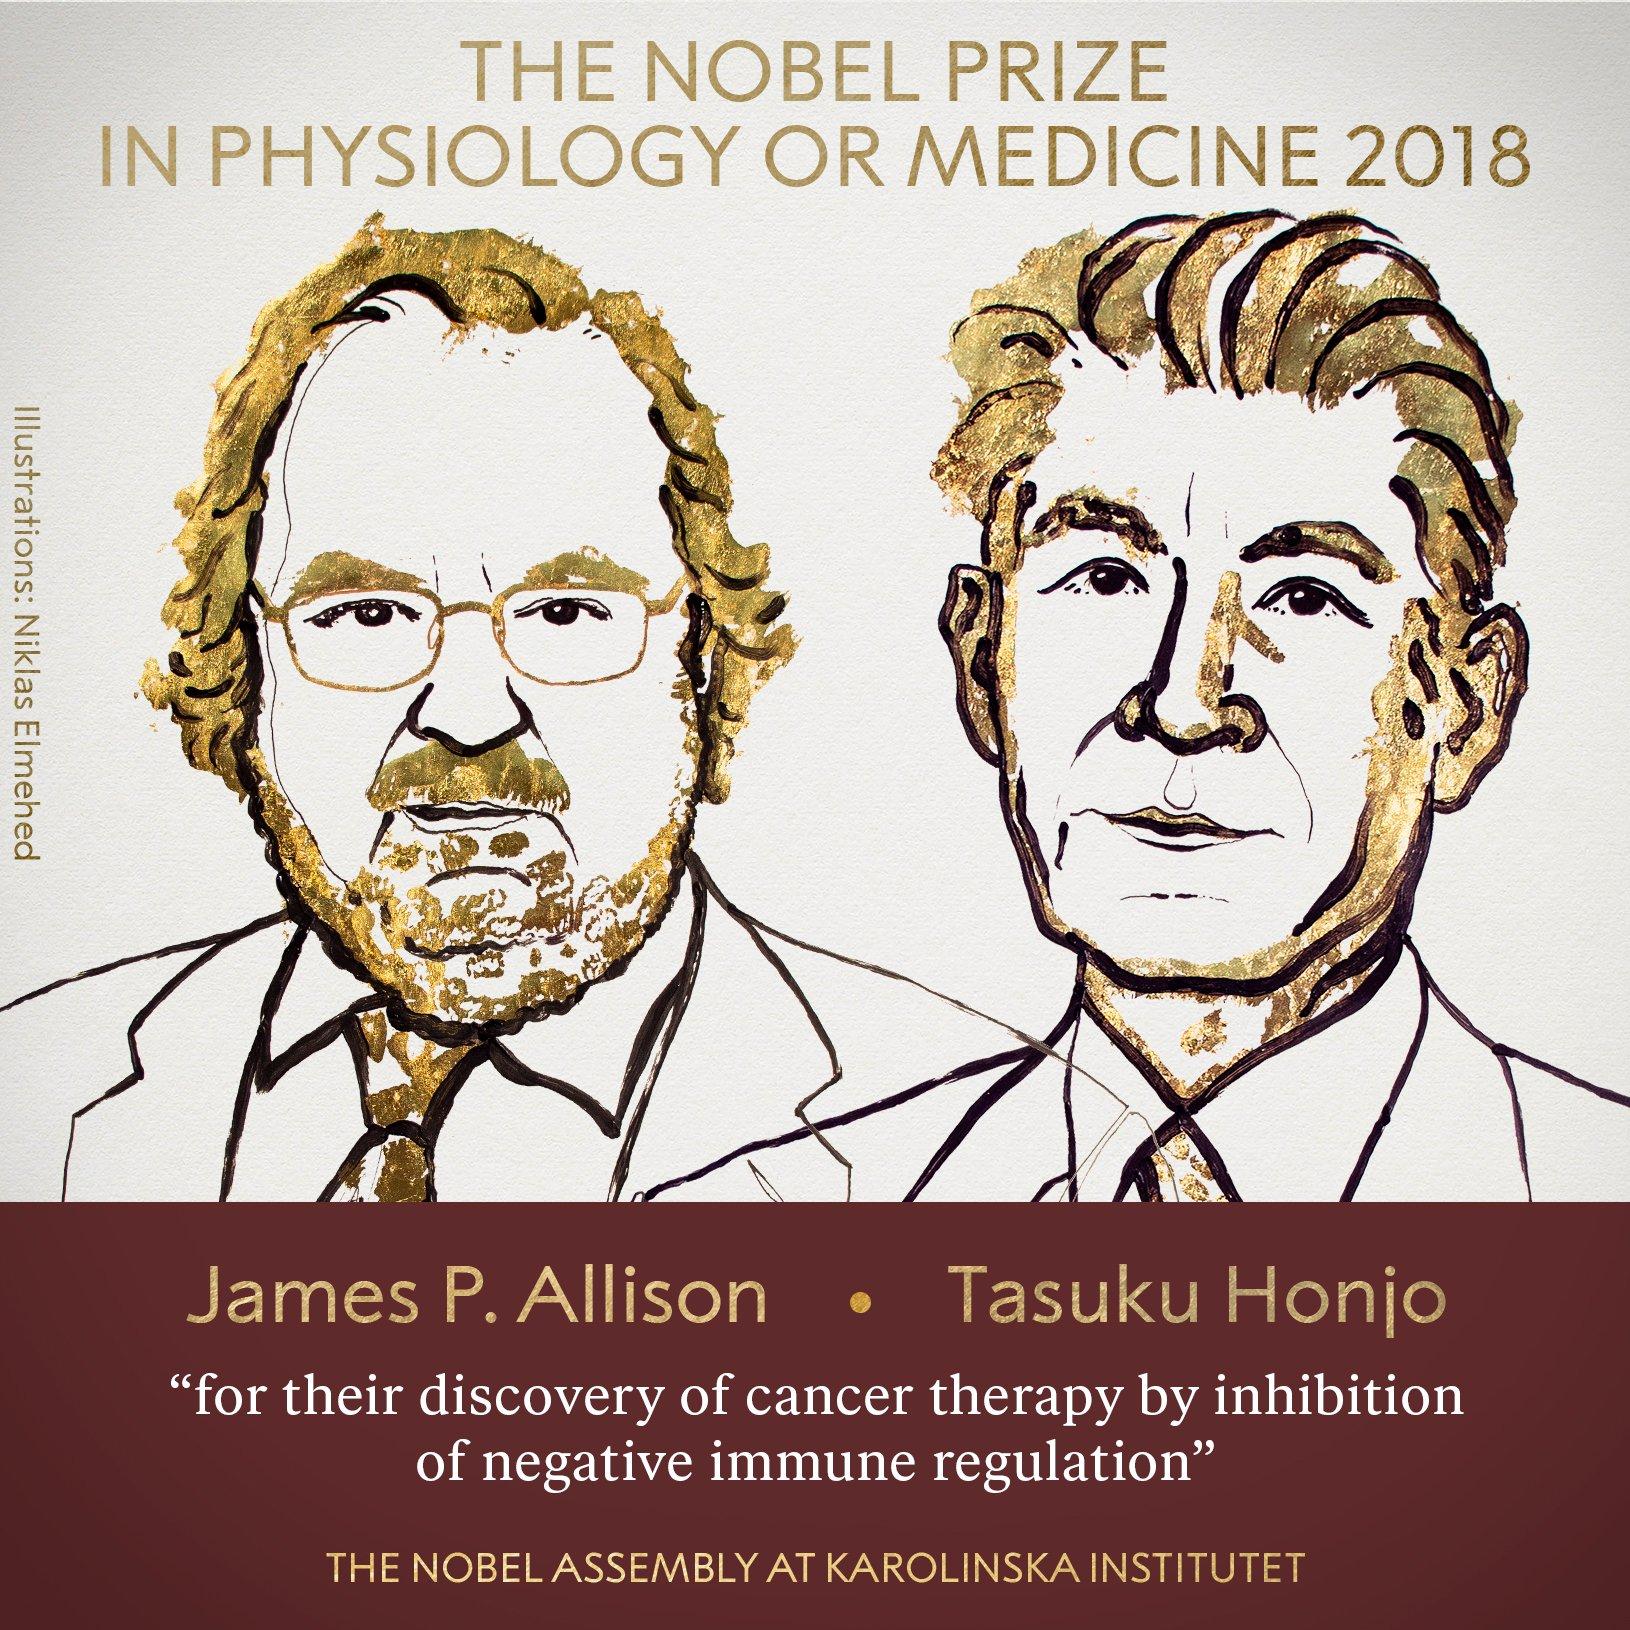 premiati con il Nobel per la medicina nel 2018